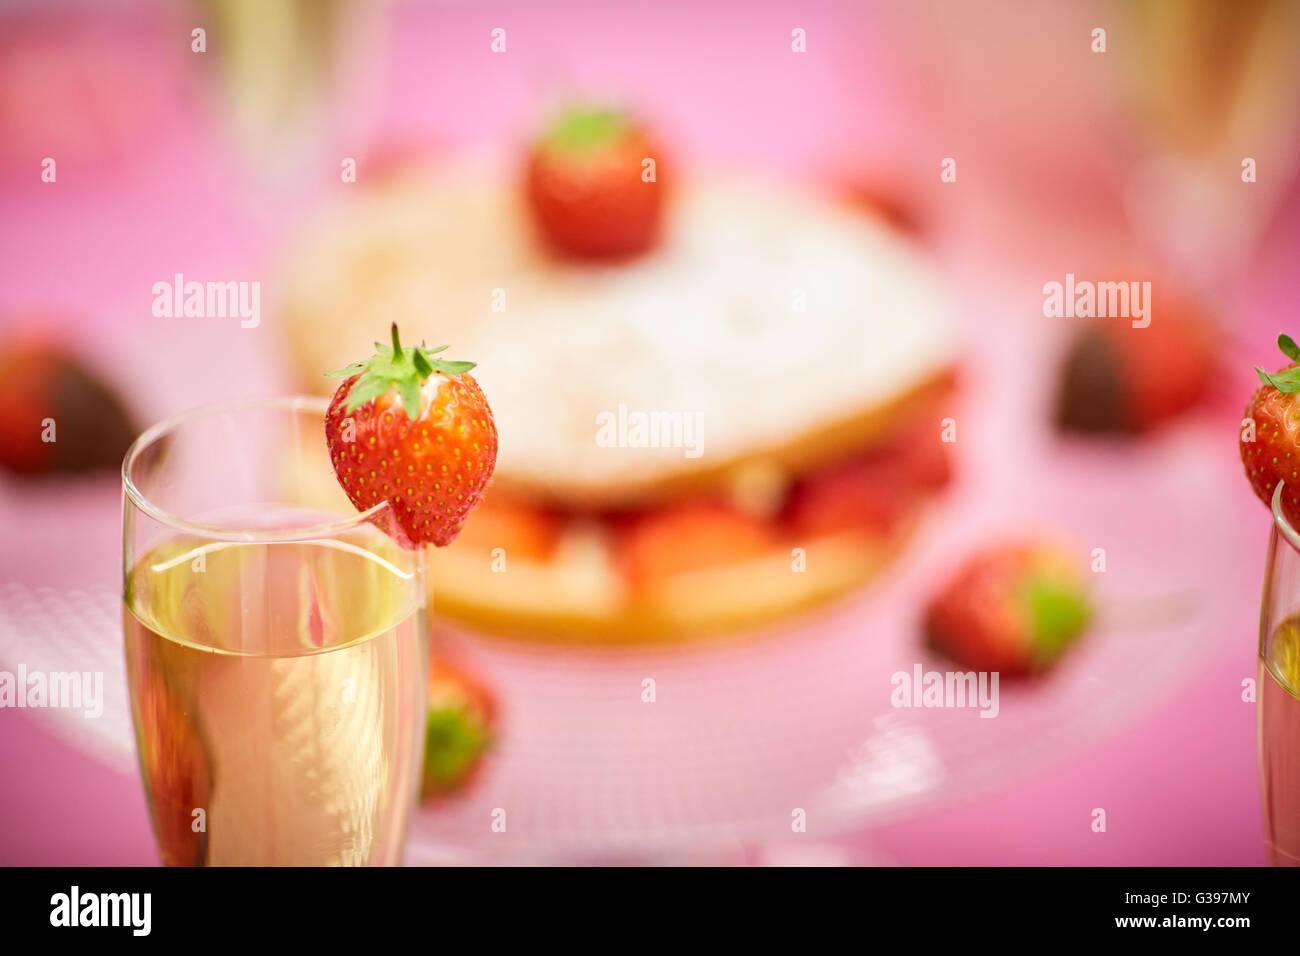 Vino di fragole al cioccolato torta immerso il tè del pomeriggio parte picnic frutta estiva rosa rosso spugna Immagini Stock